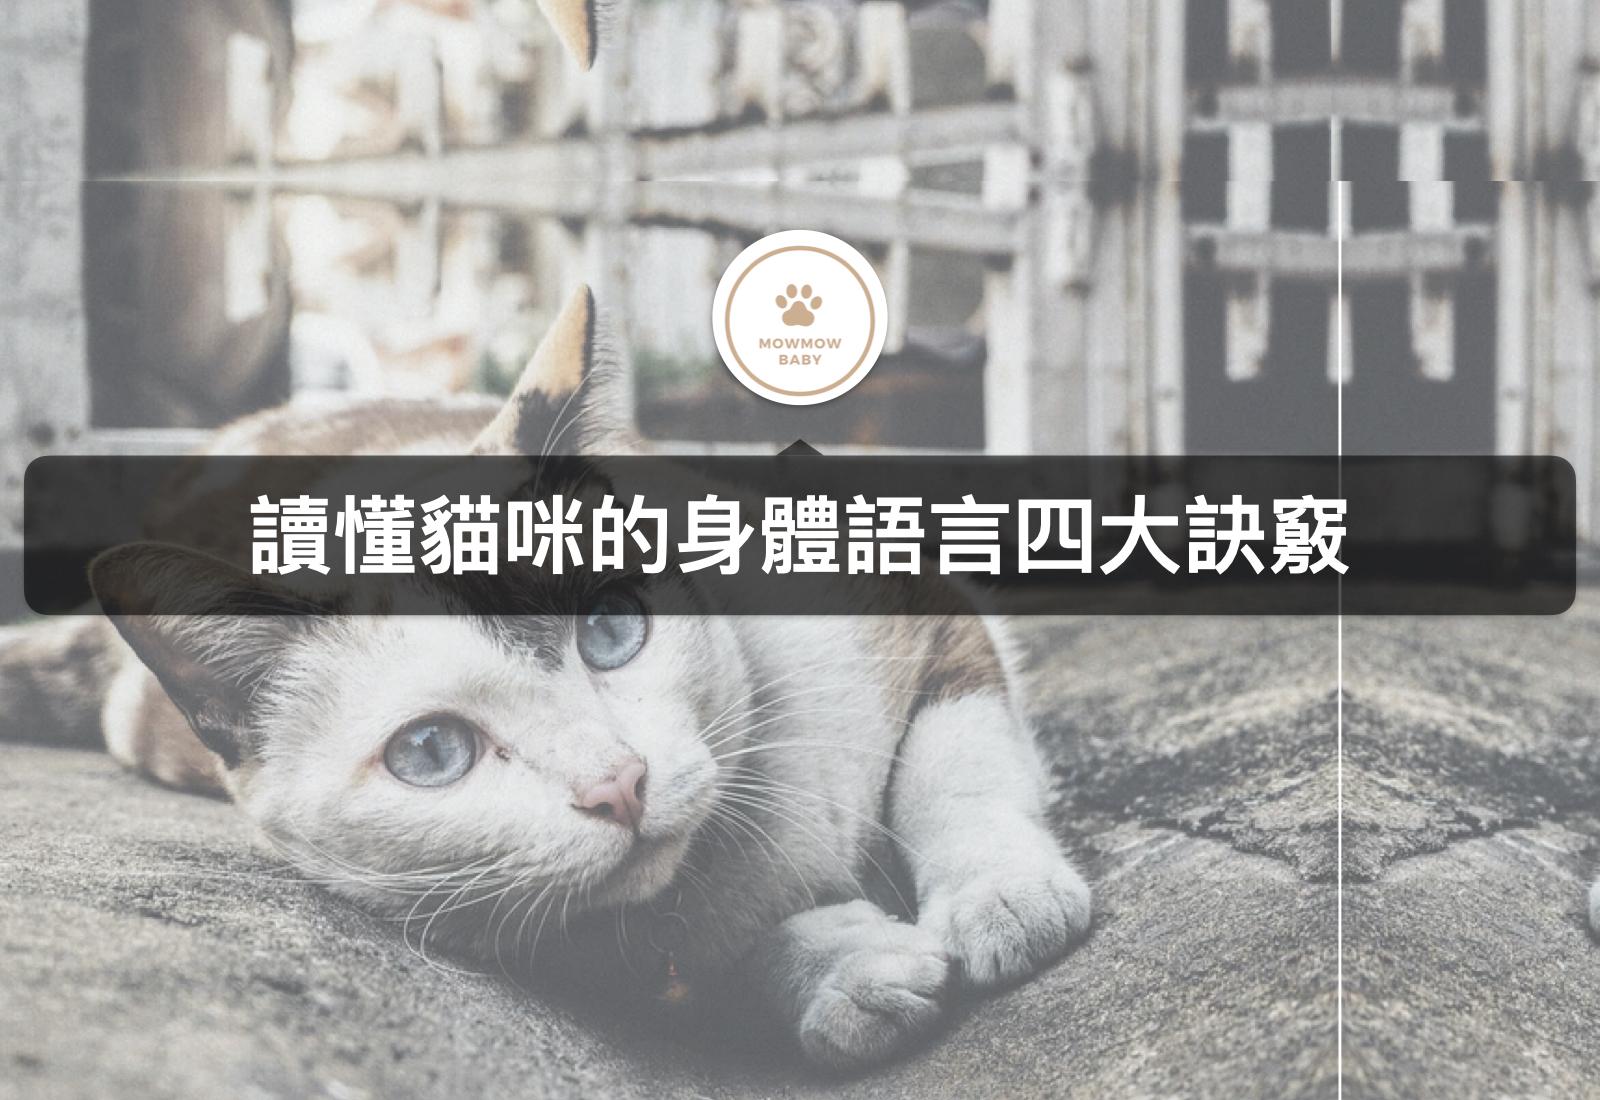 想跟貓咪有近一步的關係,就要先了解貓咪的身體語言!